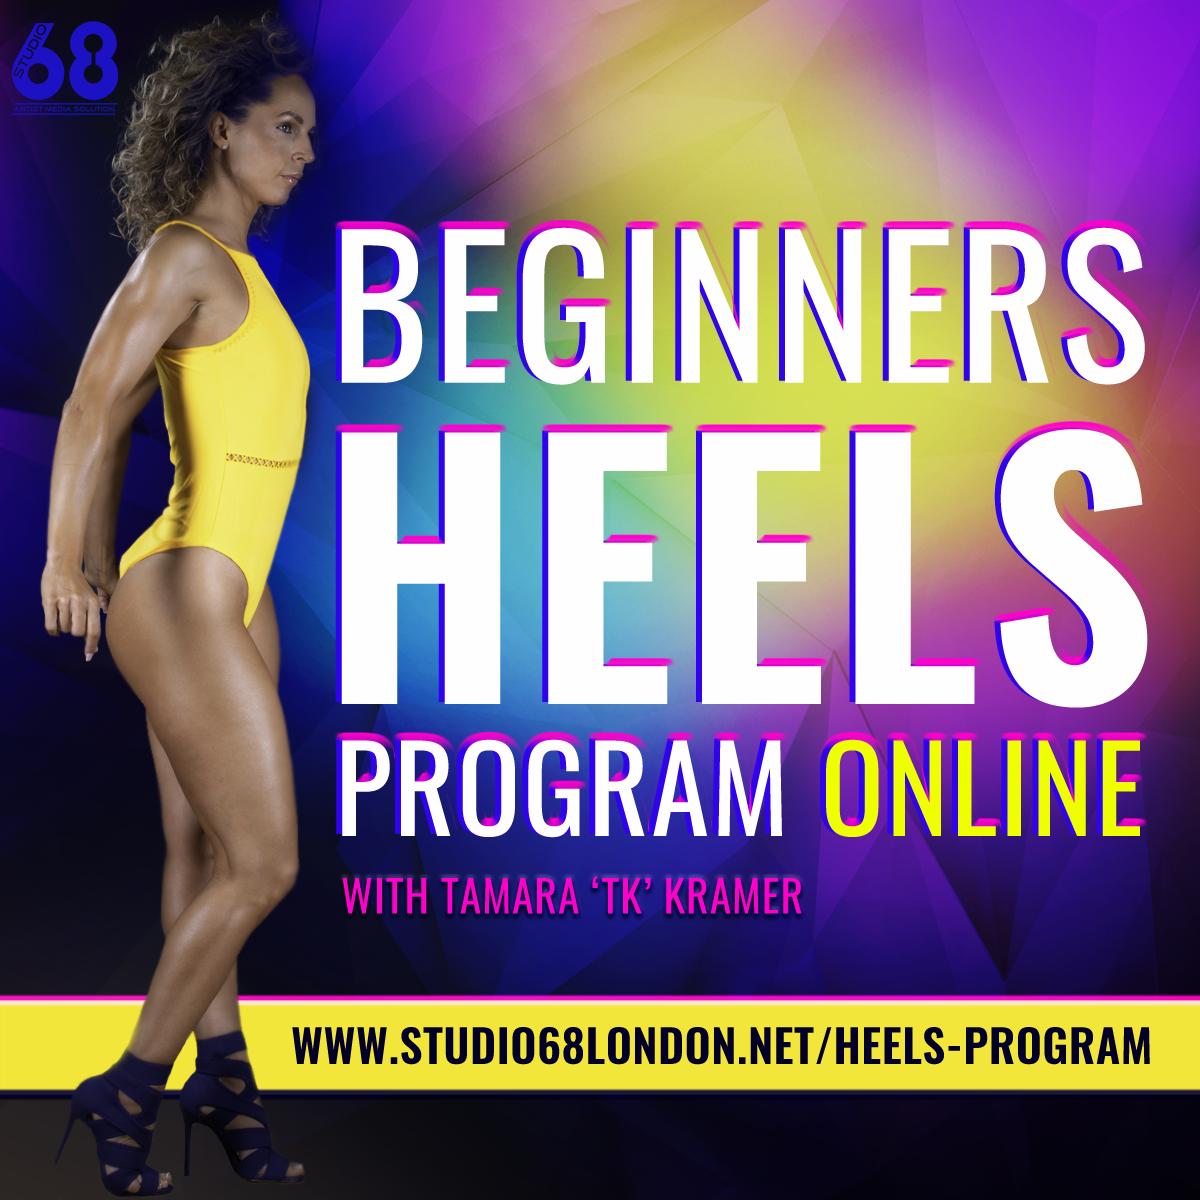 Beginner's Heels Program